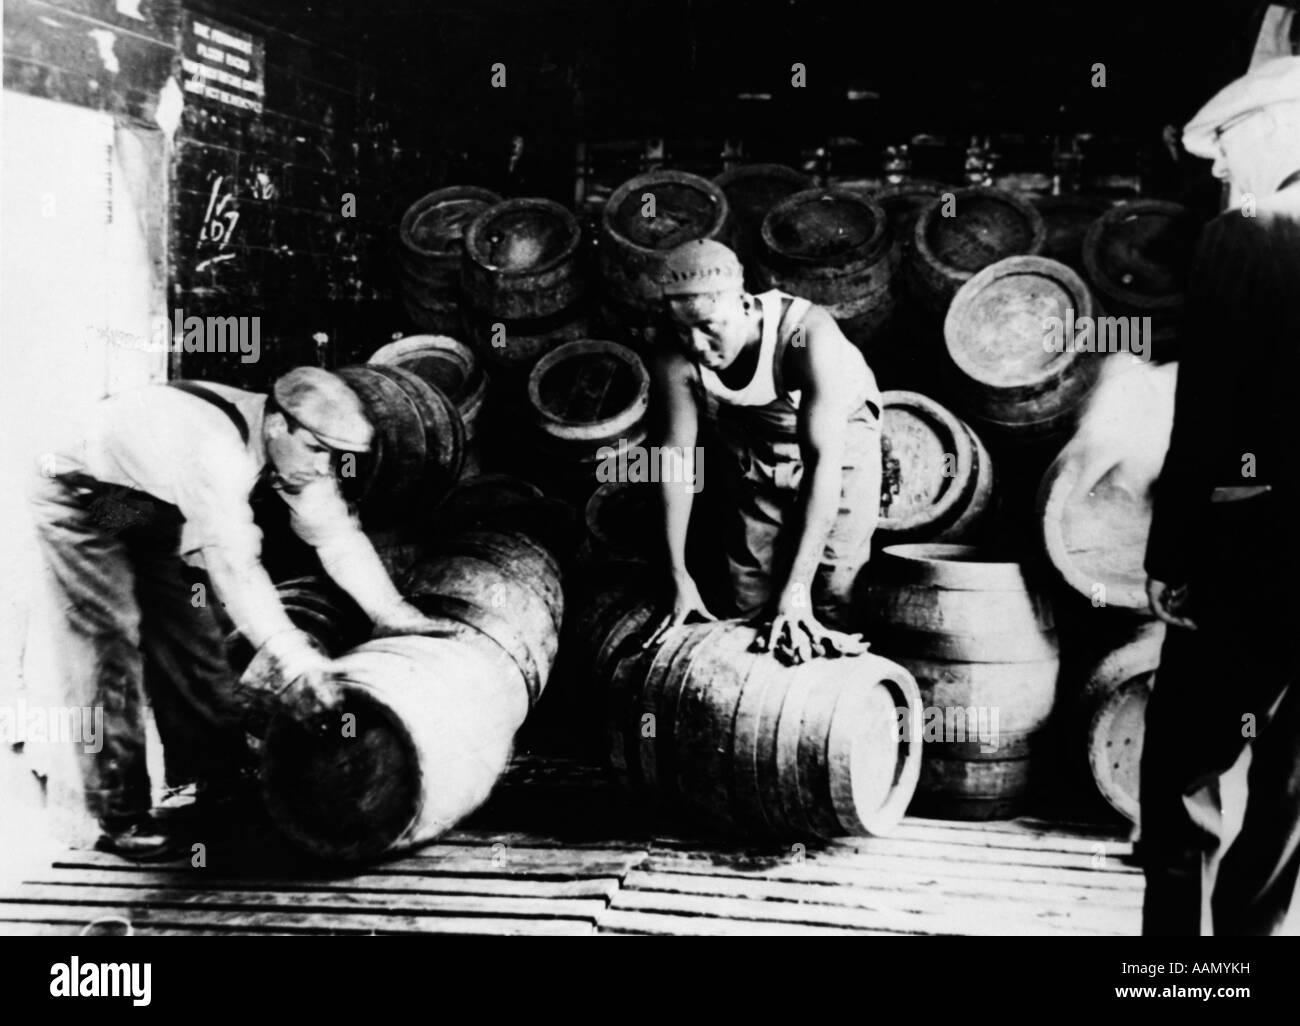 1920S 1930S VERBOT ARBEITER ENTLADEN 200 FÄSSER BIER VON FBI-AGENTEN MIDDLETOWN NY USA BESCHLAGNAHMT Stockbild